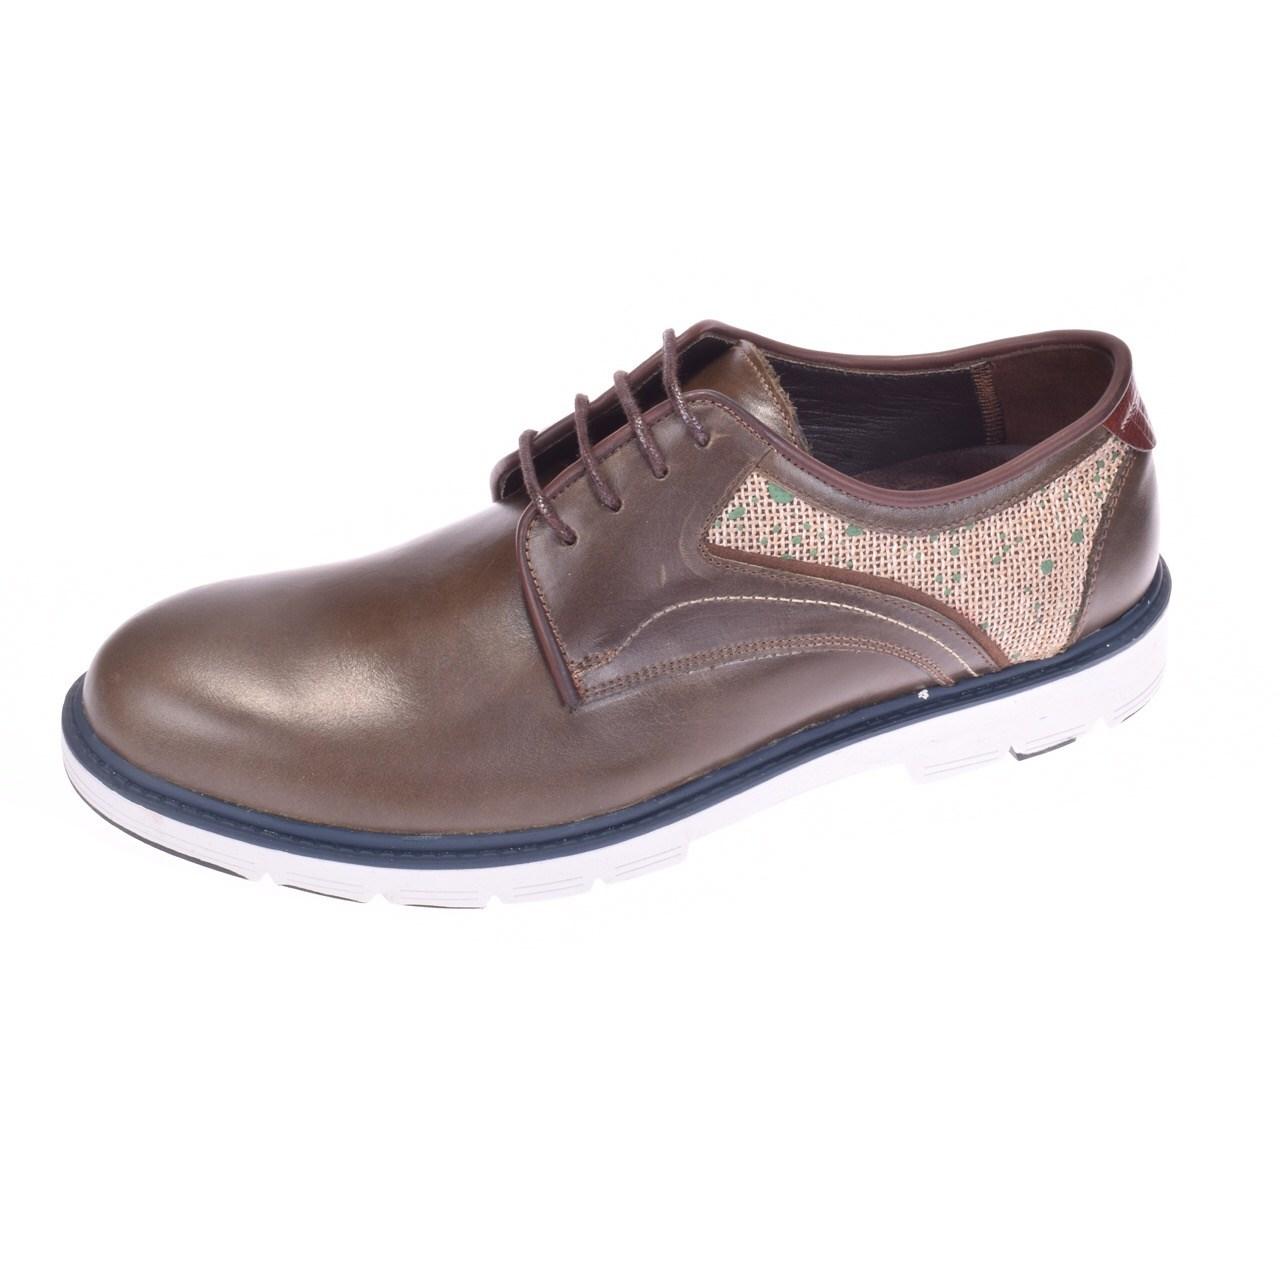 کفش مردانه پانیسا مدل Lace 144Olive-Shine